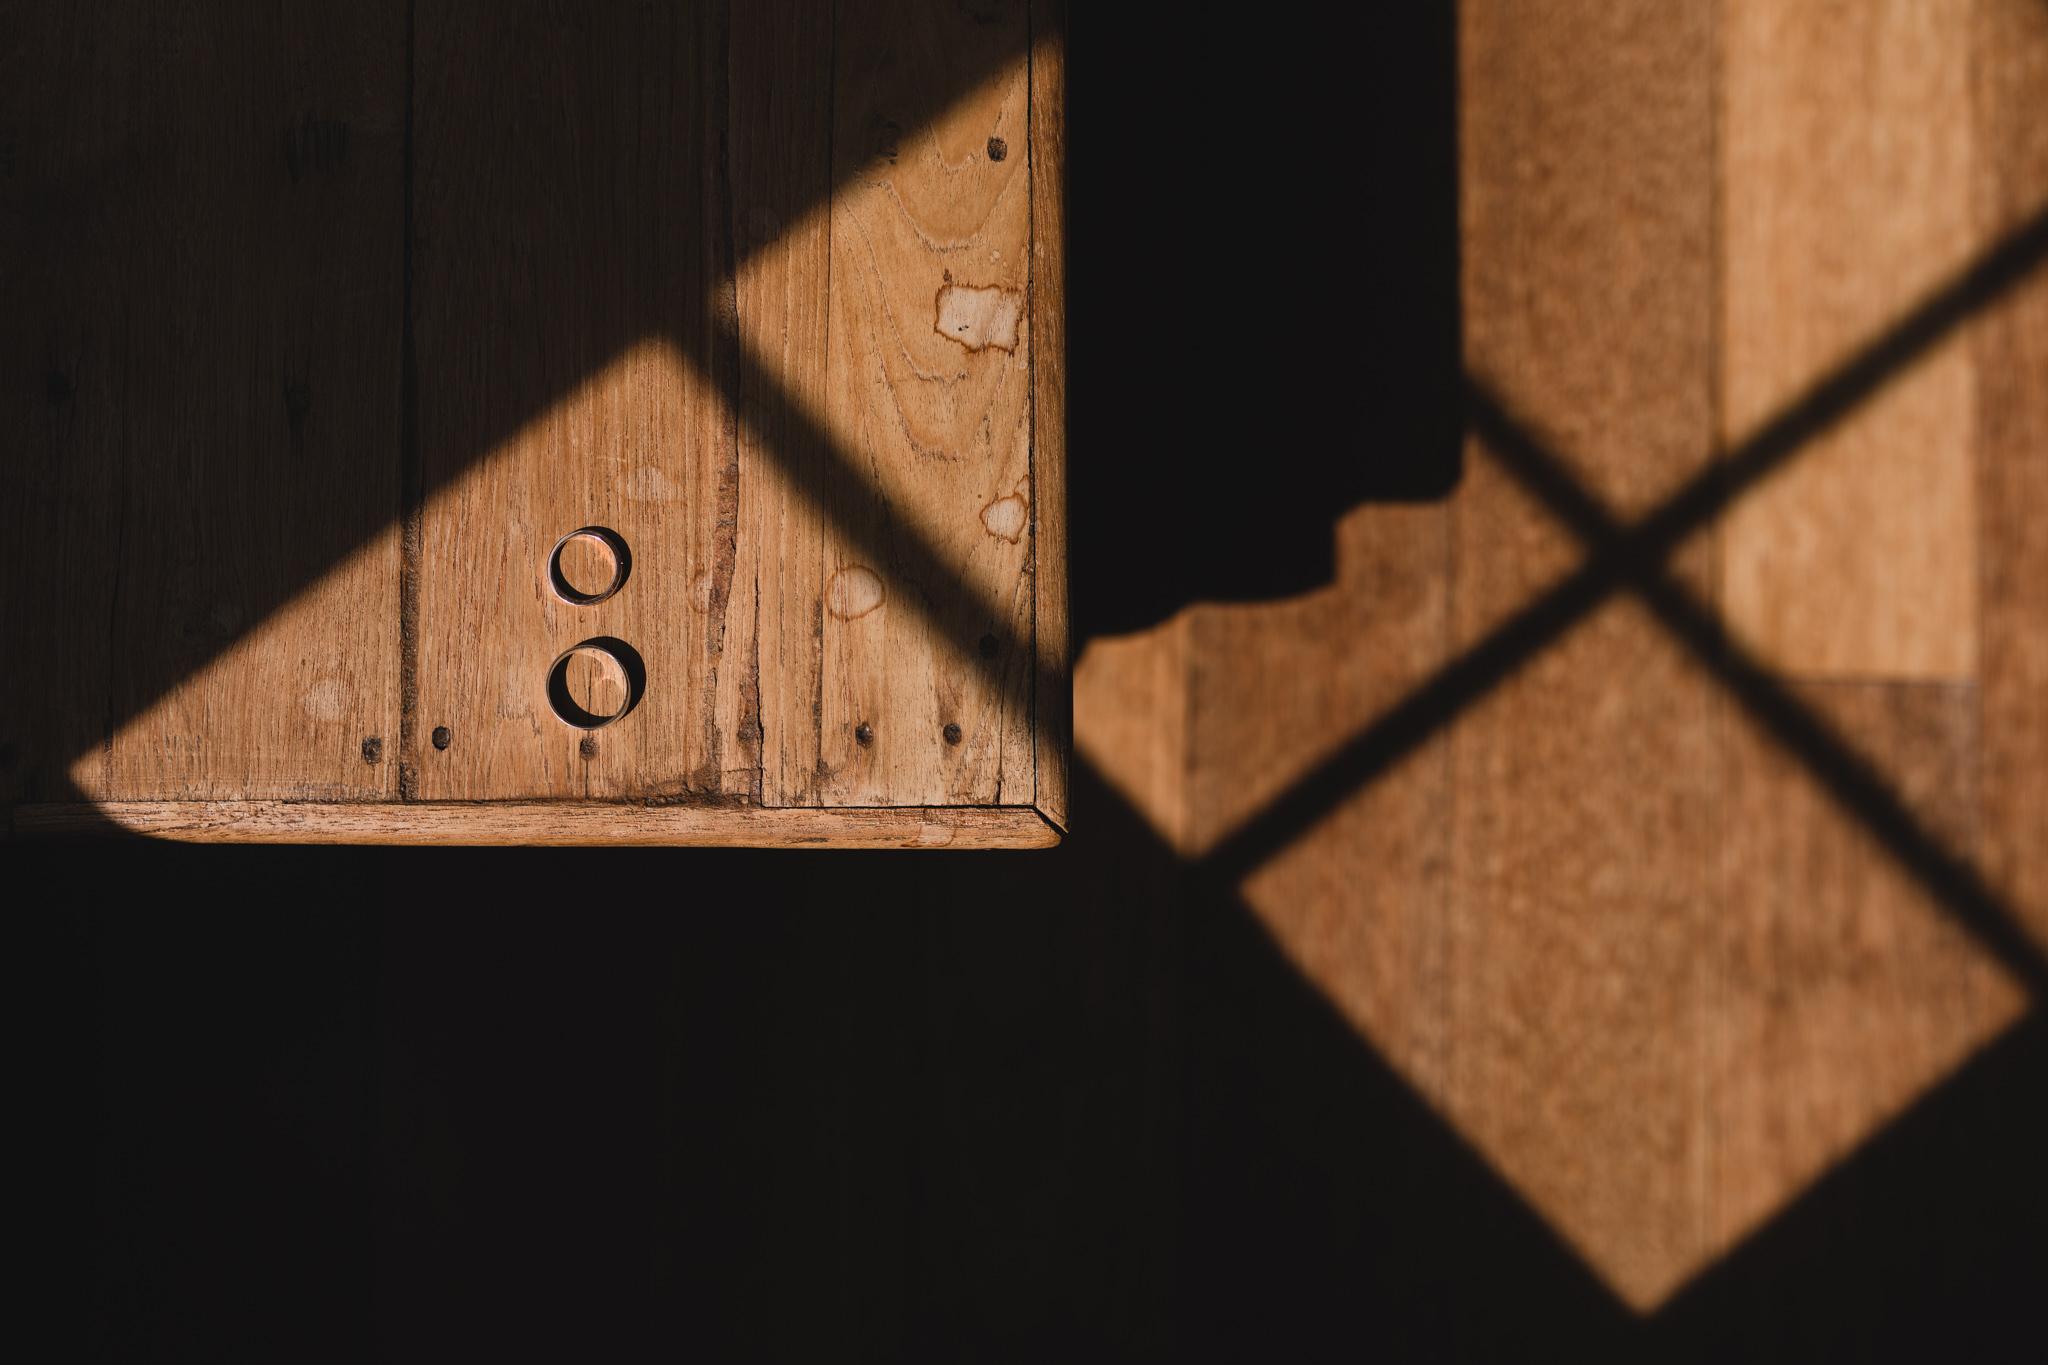 Shadowy, detail weding photos